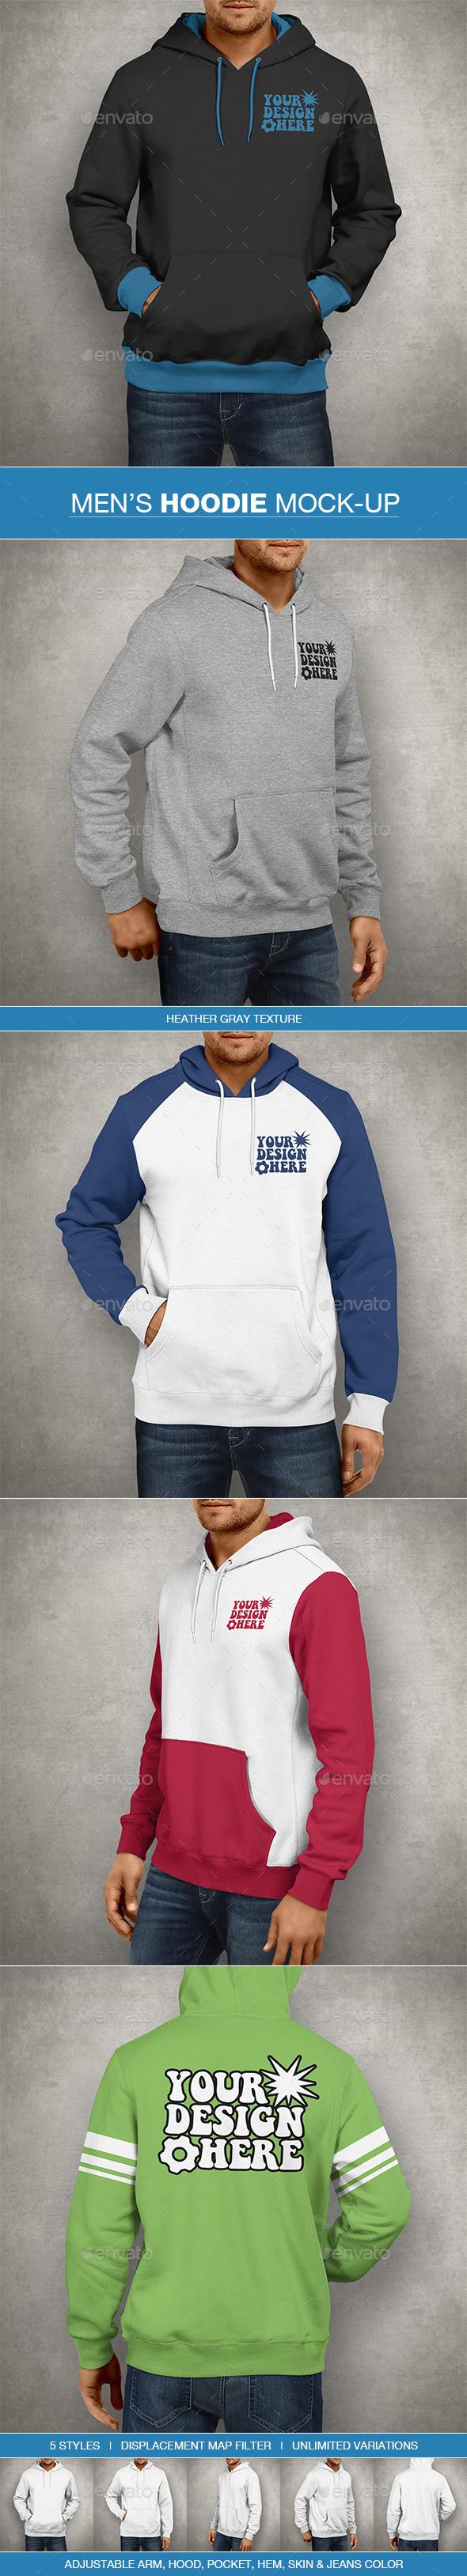 Download Hoodie Mockup Men S Edition Hoodie Mockup Clothing Mockup Hoodies